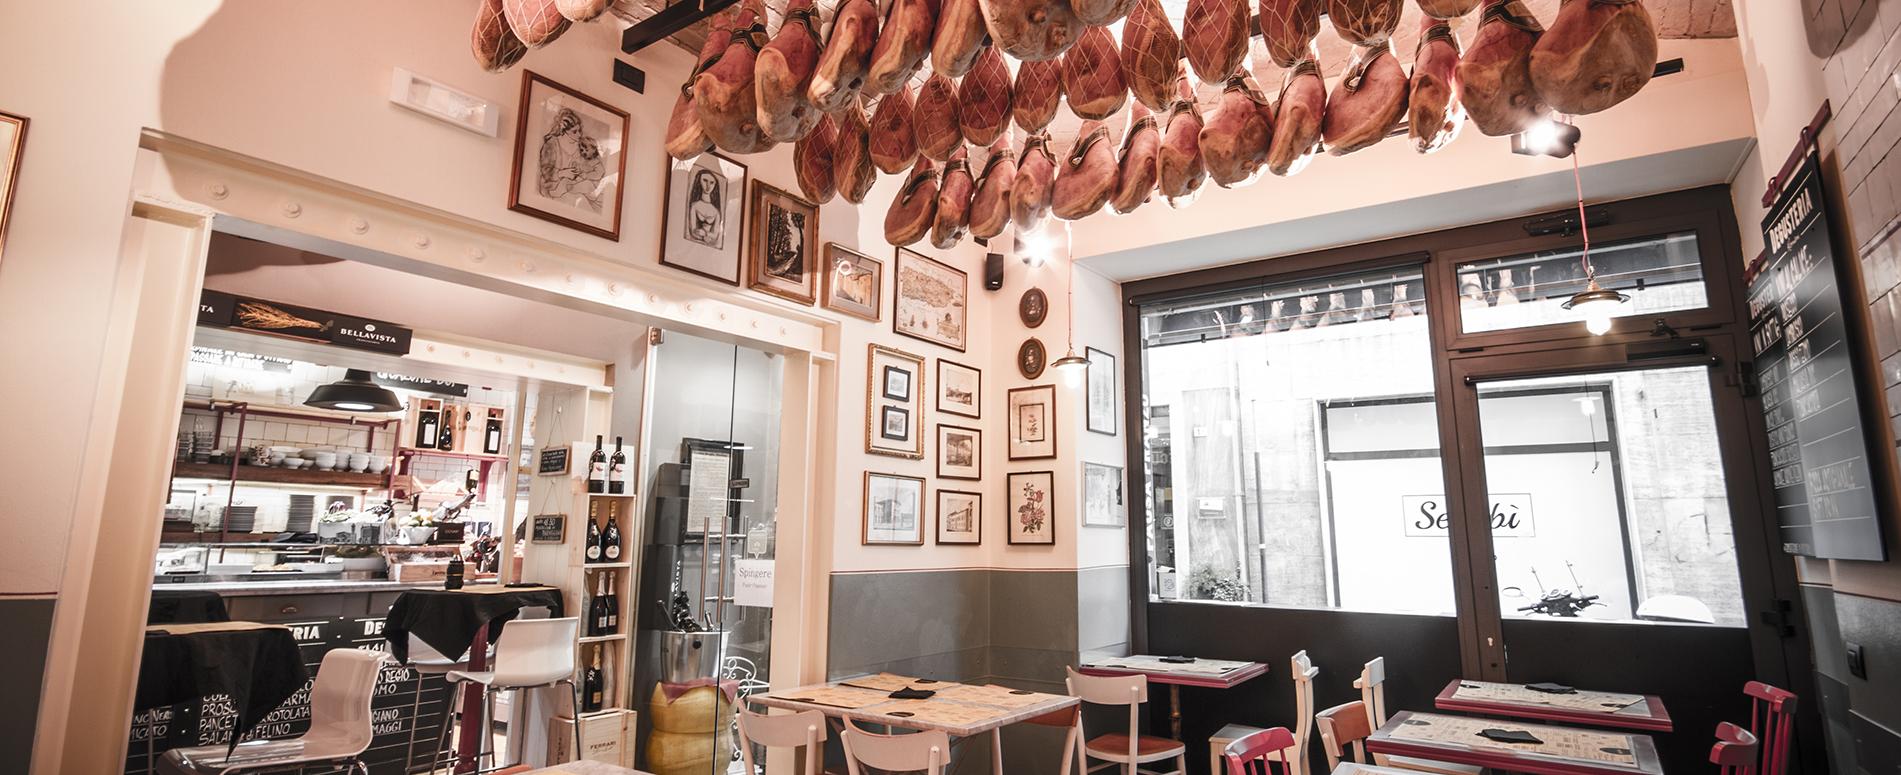 Degusteria Romani